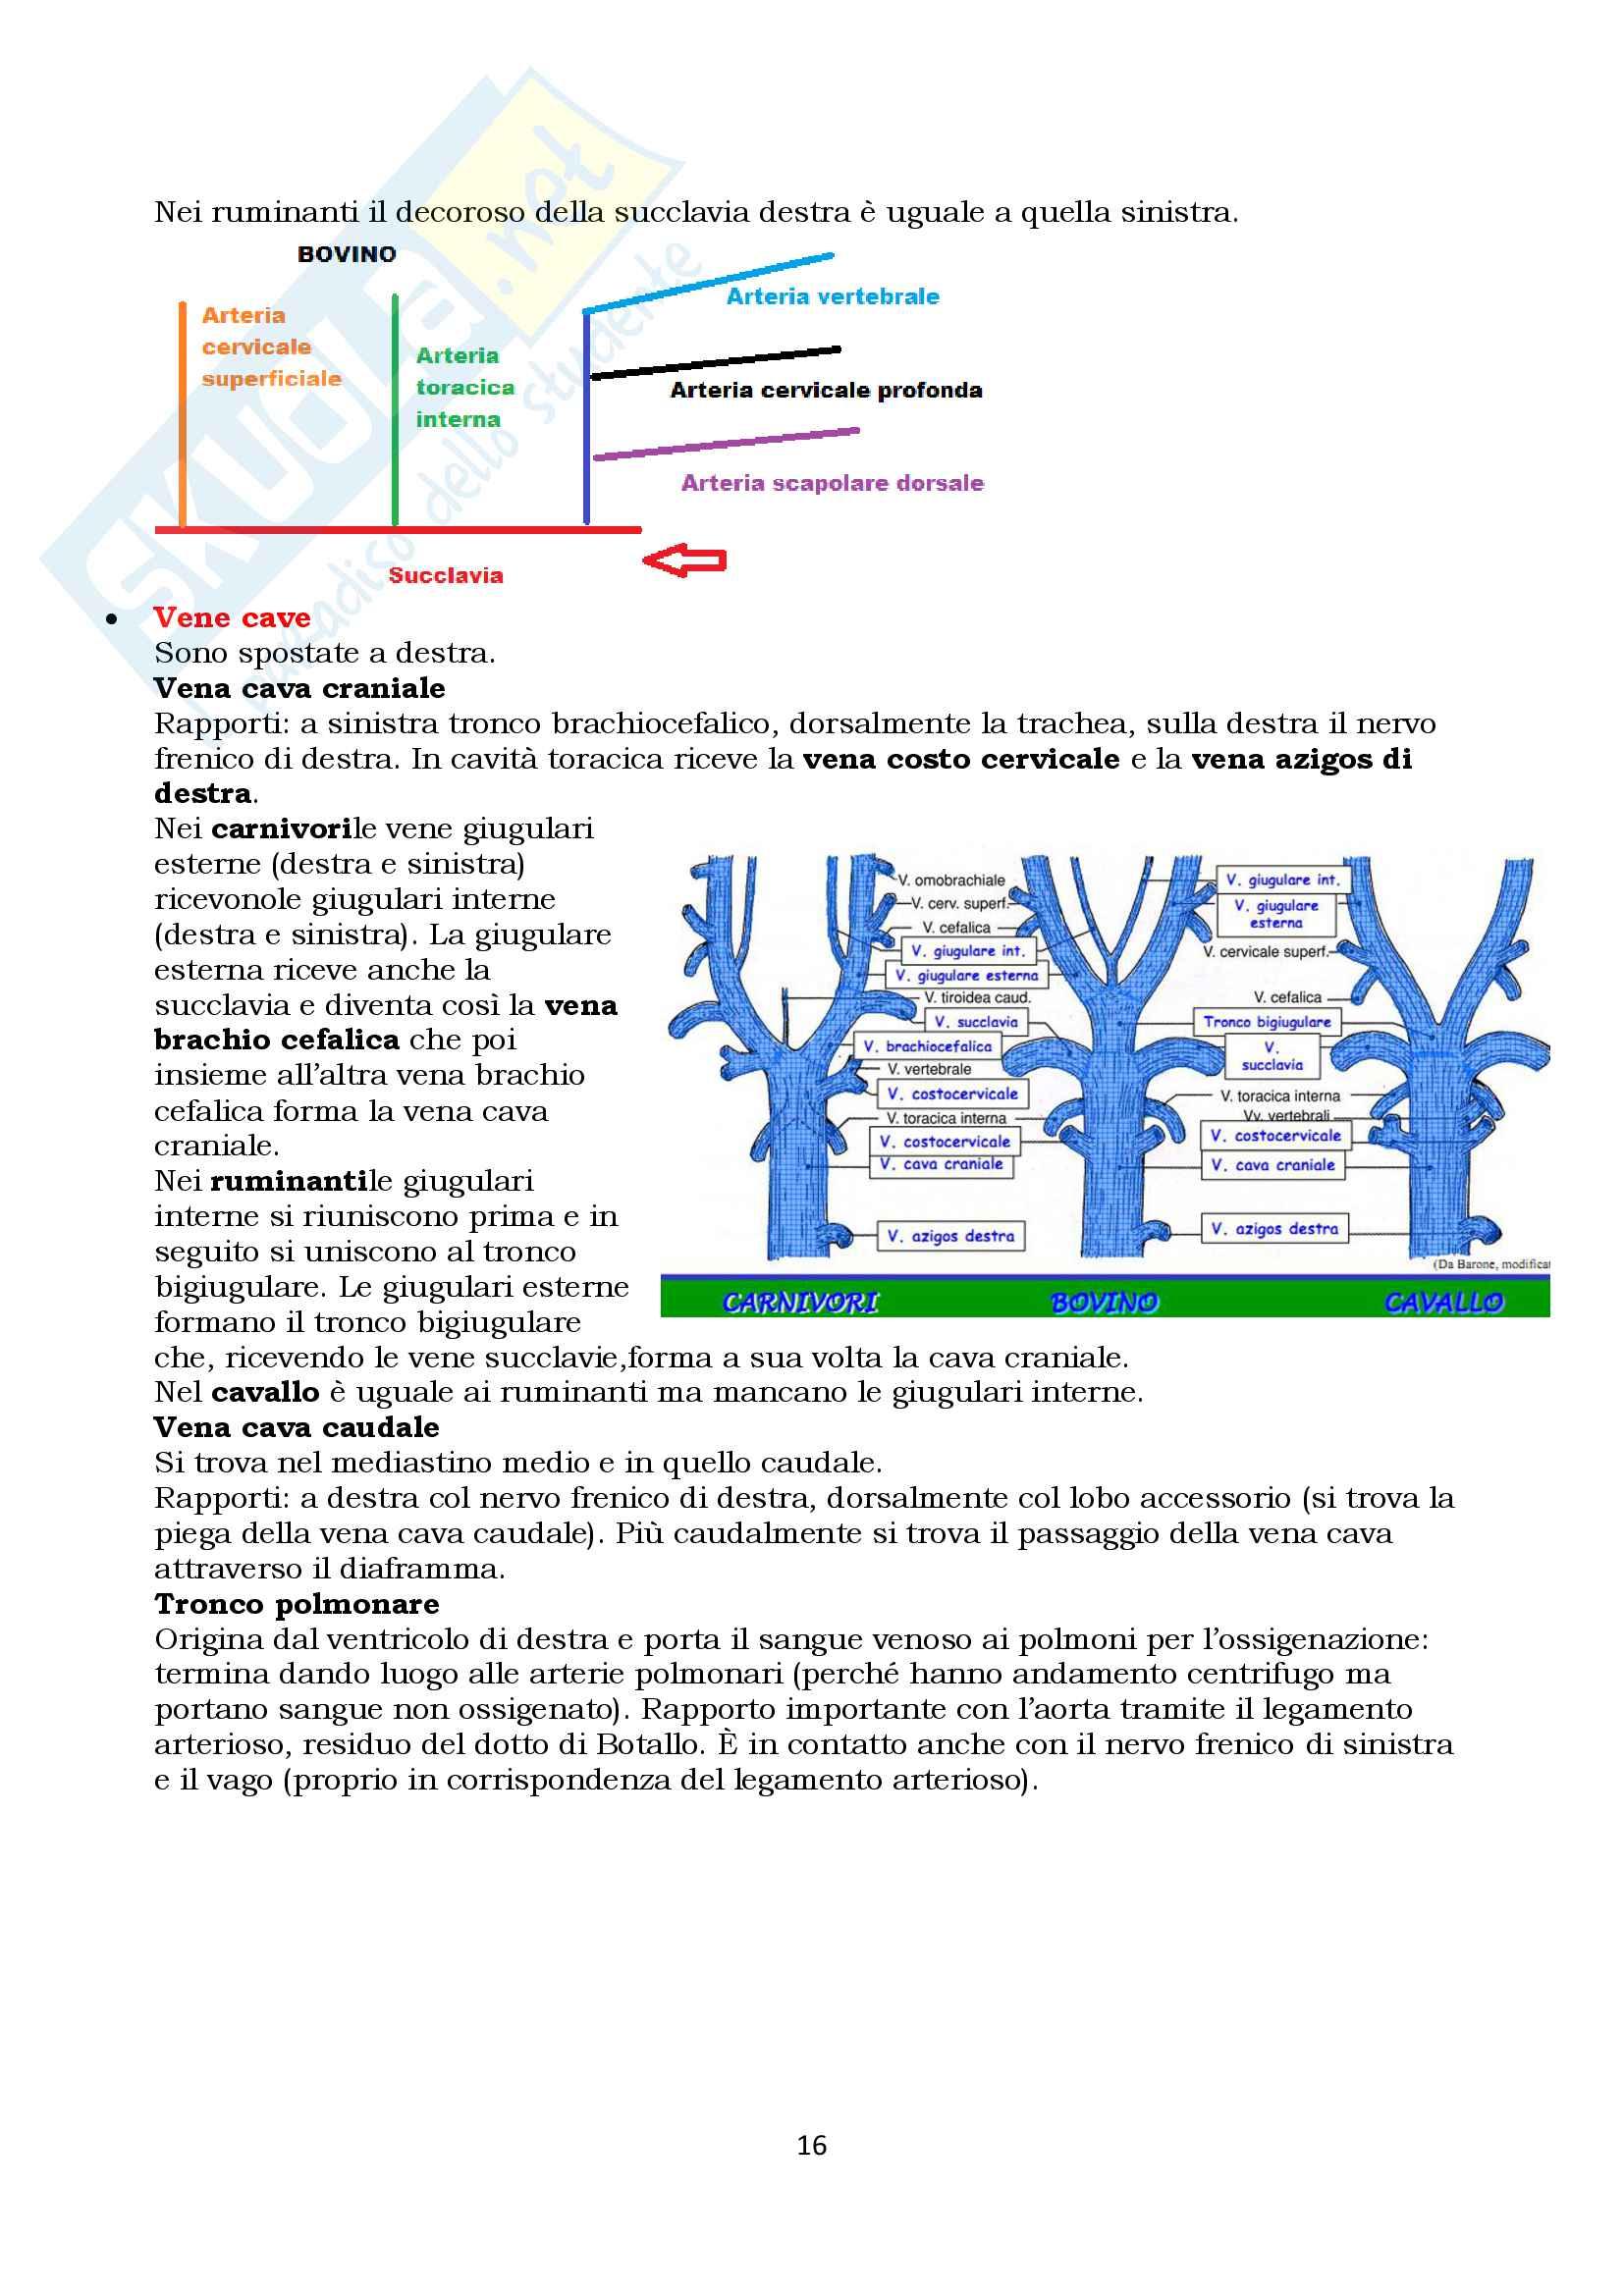 Anatomia topografica veterinaria parte II (piccoli e grandi animali) Pag. 16